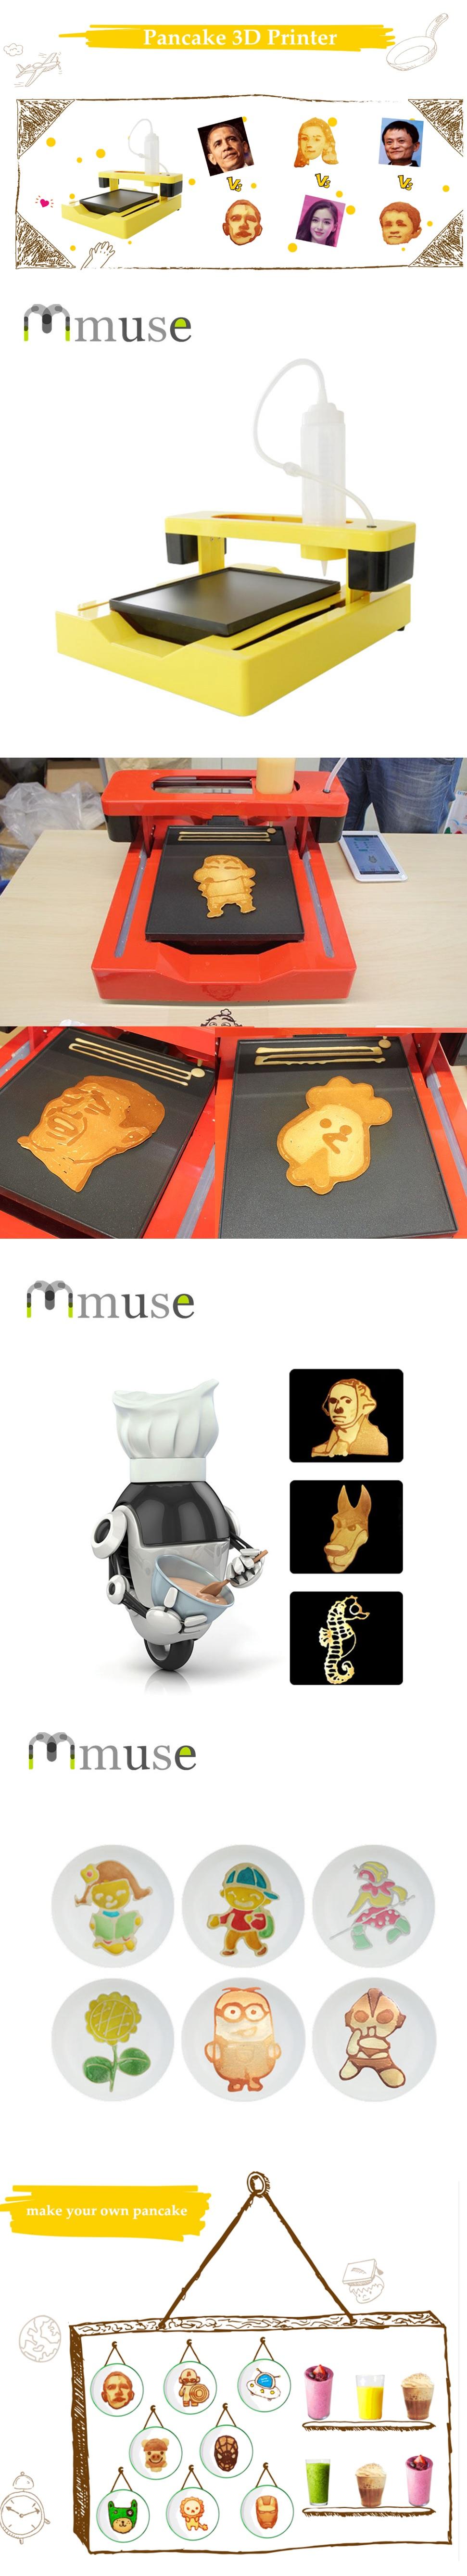 mmuse-pancake